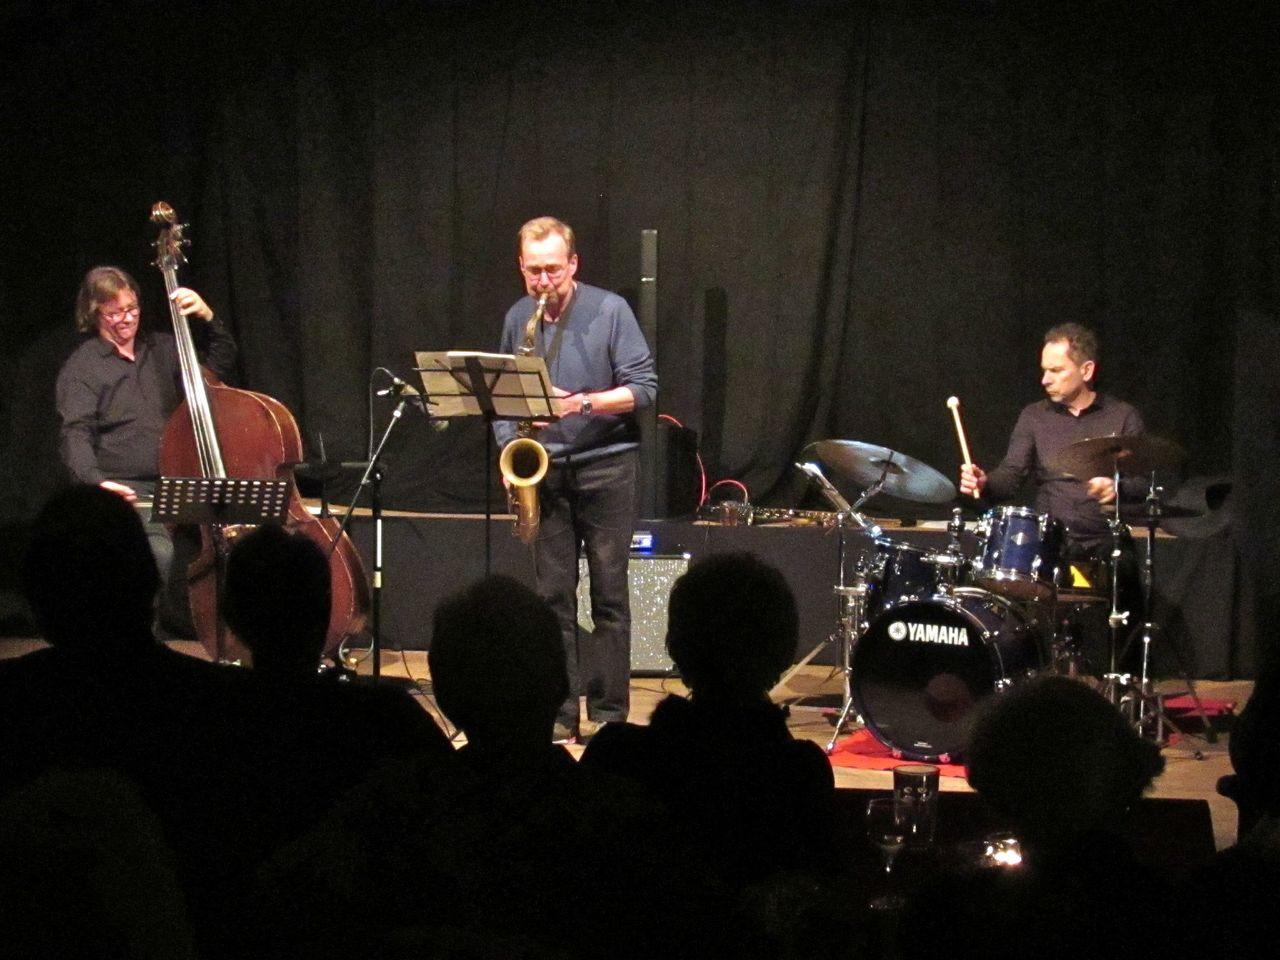 Klaus Fey (Saxofon), Wolfgang Ekholt (Schlagzeug) und David Jehn (Bass) ließen den Jazz im Heimat- und Kulturhaus aufleben.